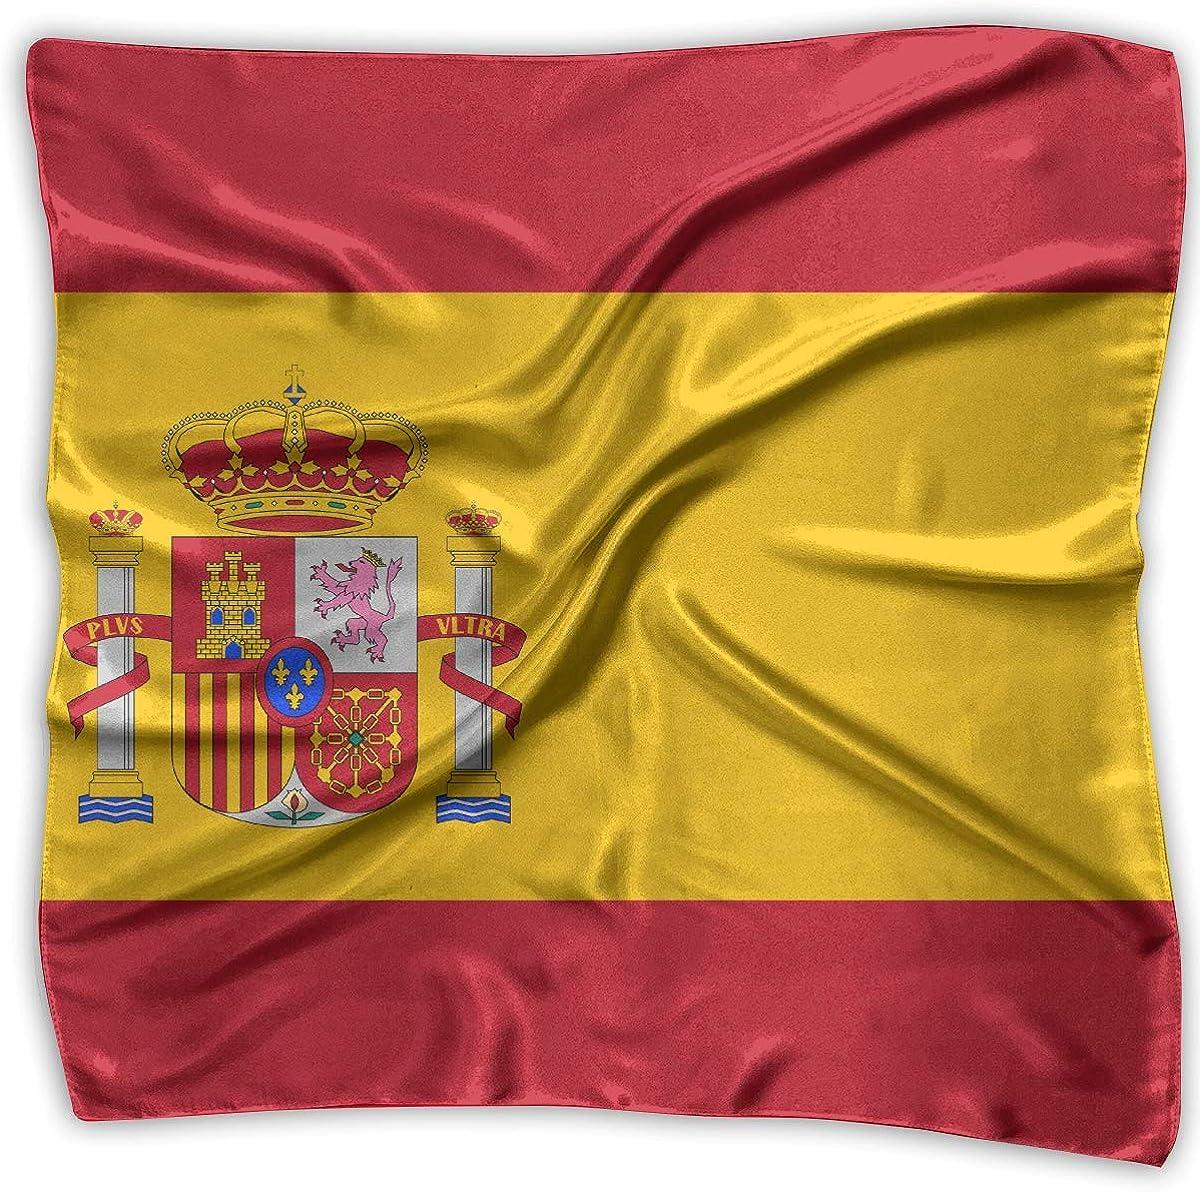 Hipiyoled Pa/ñuelos Bufanda Bandera de Espa/ña Novedad Chal Bandanas Multifunci/ón Regalos de fiesta